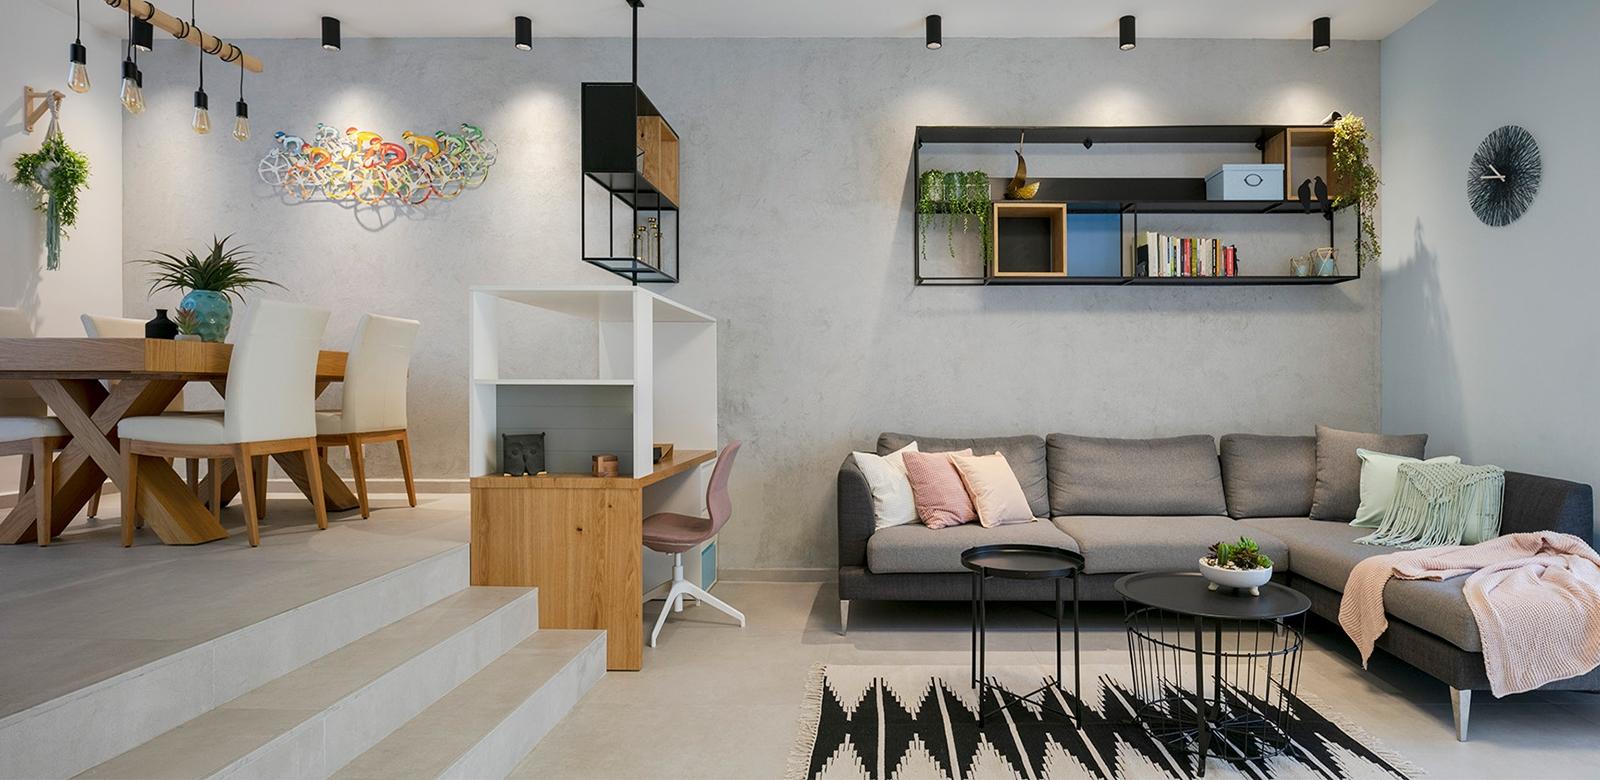 עיצוב דירה בחיפה - תמונה מספר 1